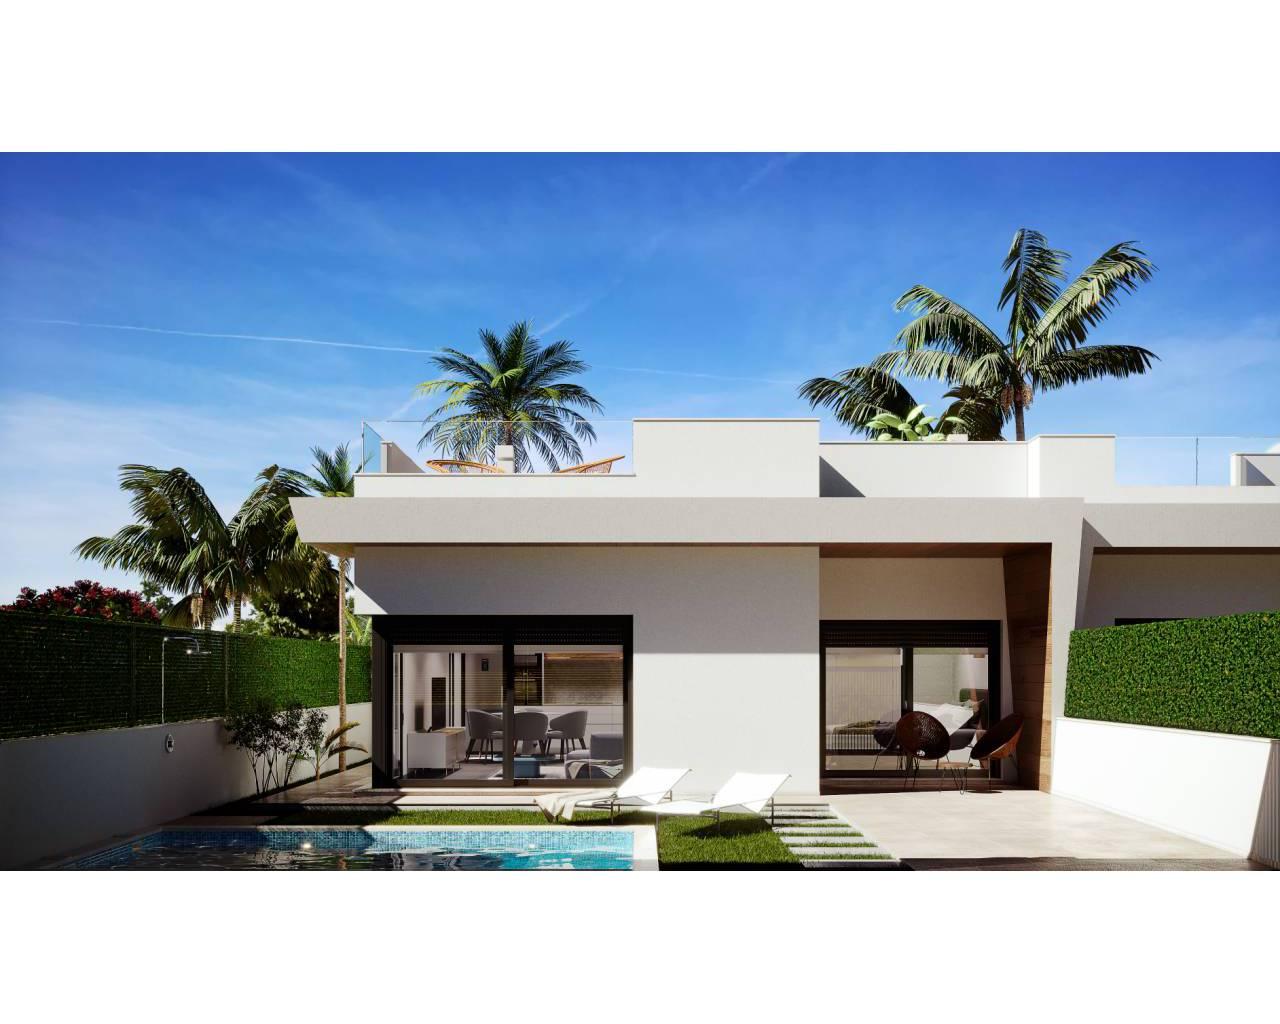 nieuwbouw-half-vrijstaande-villa-los-alcazares-roda-golf_4581_xl